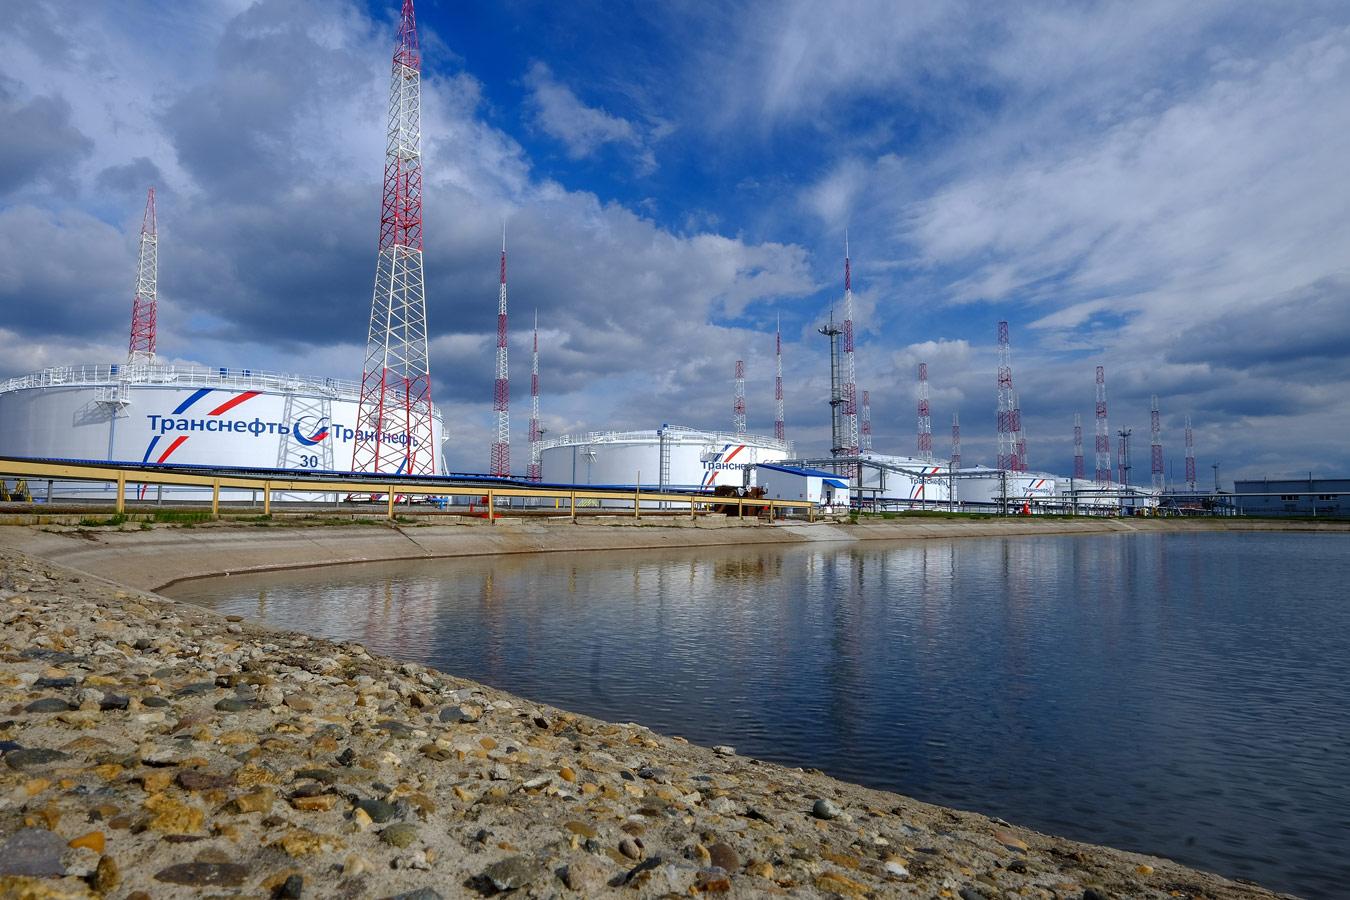 Объекты АО «Черномортранснефть», Фотоконкурс «Энергетика современной России»